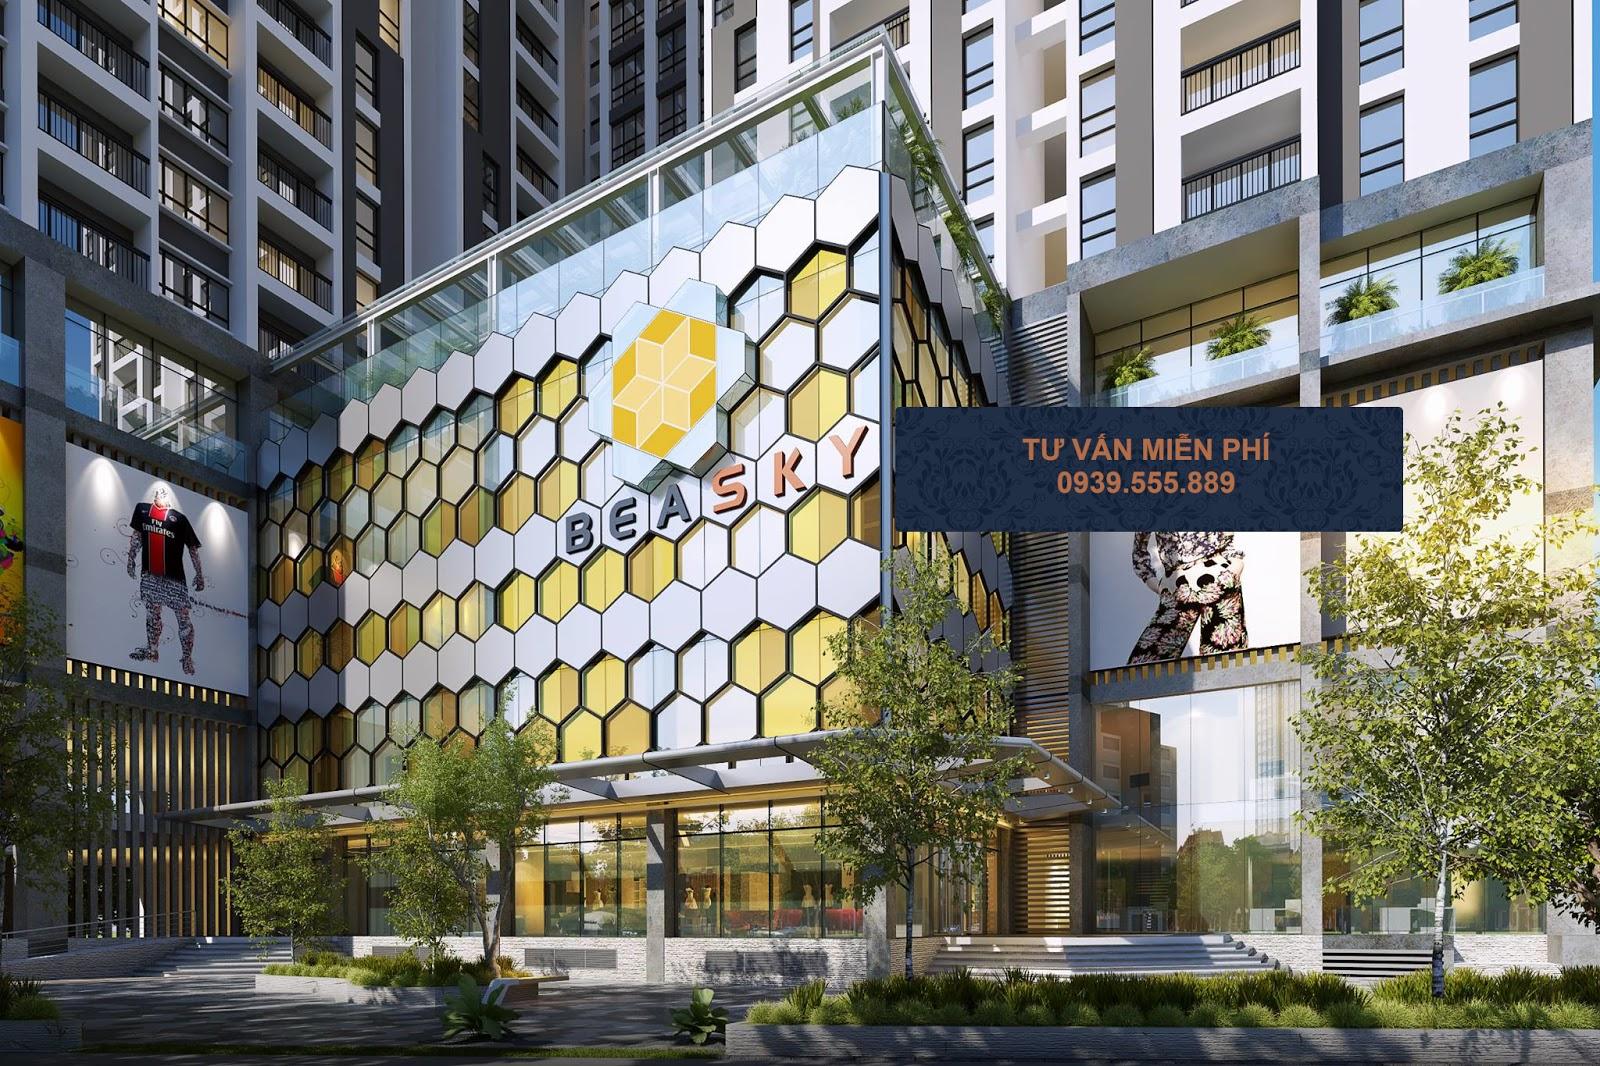 Dự án Bea Sky Nguyễn Xiển | Phòng Dự án: 0981.939.517